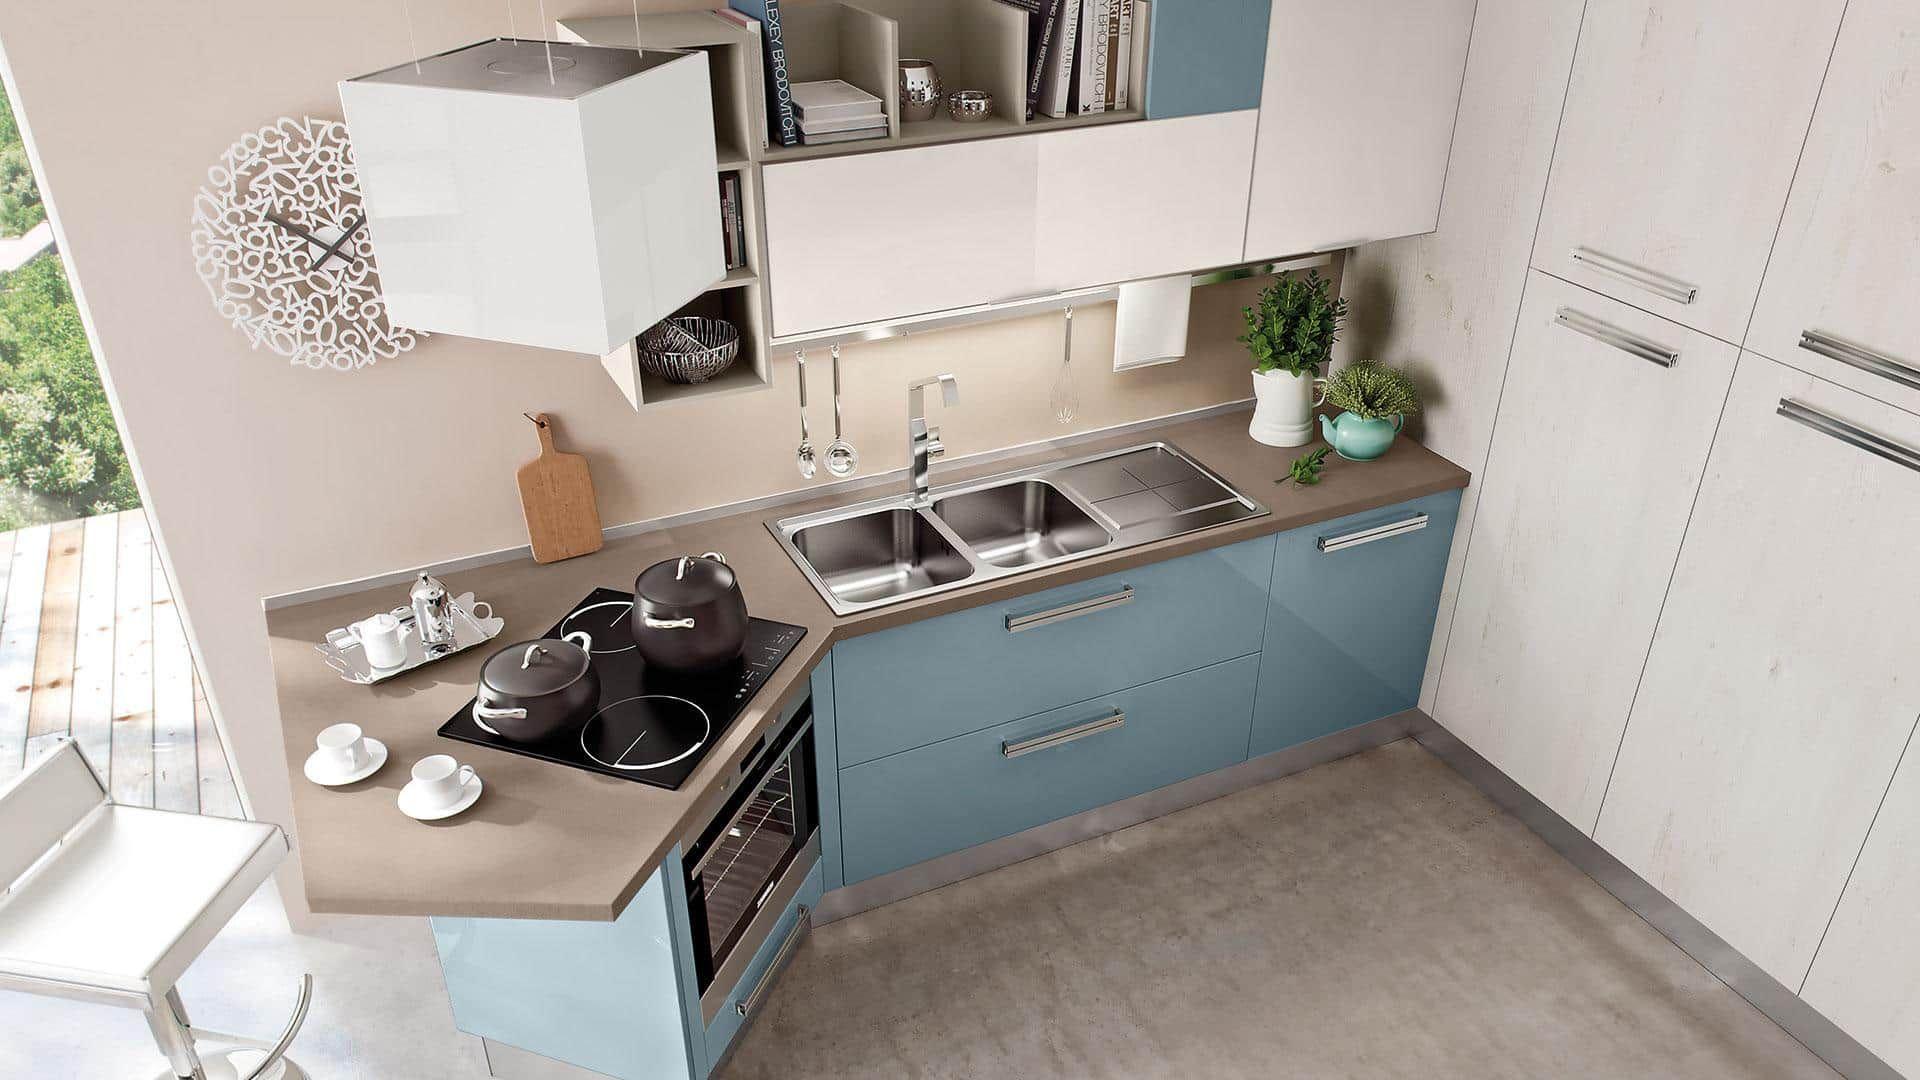 Arredamento per cucine di piccole dimensioni arredo for Arredamento per case piccole